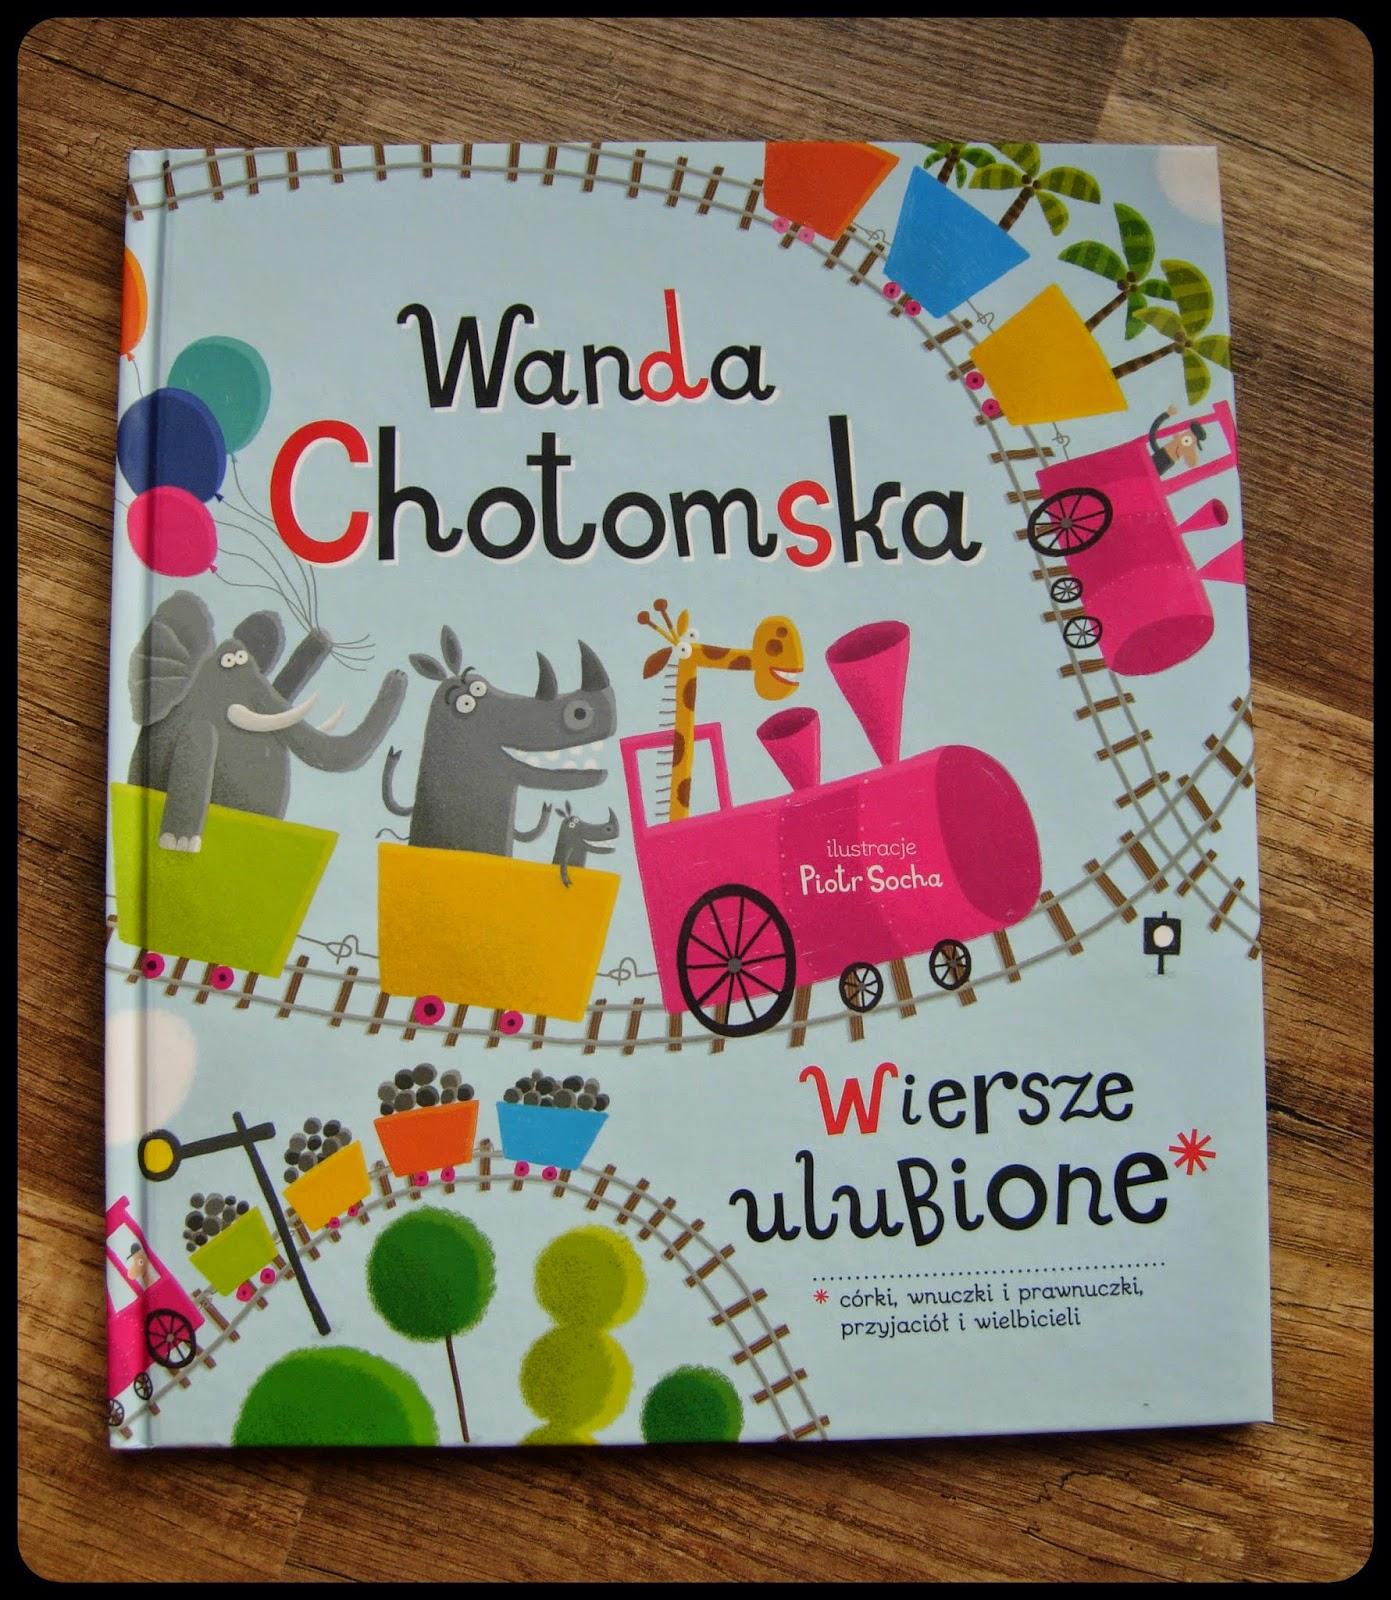 Gadki Szmatki Wiersze Ulubione Wanda Chotomska